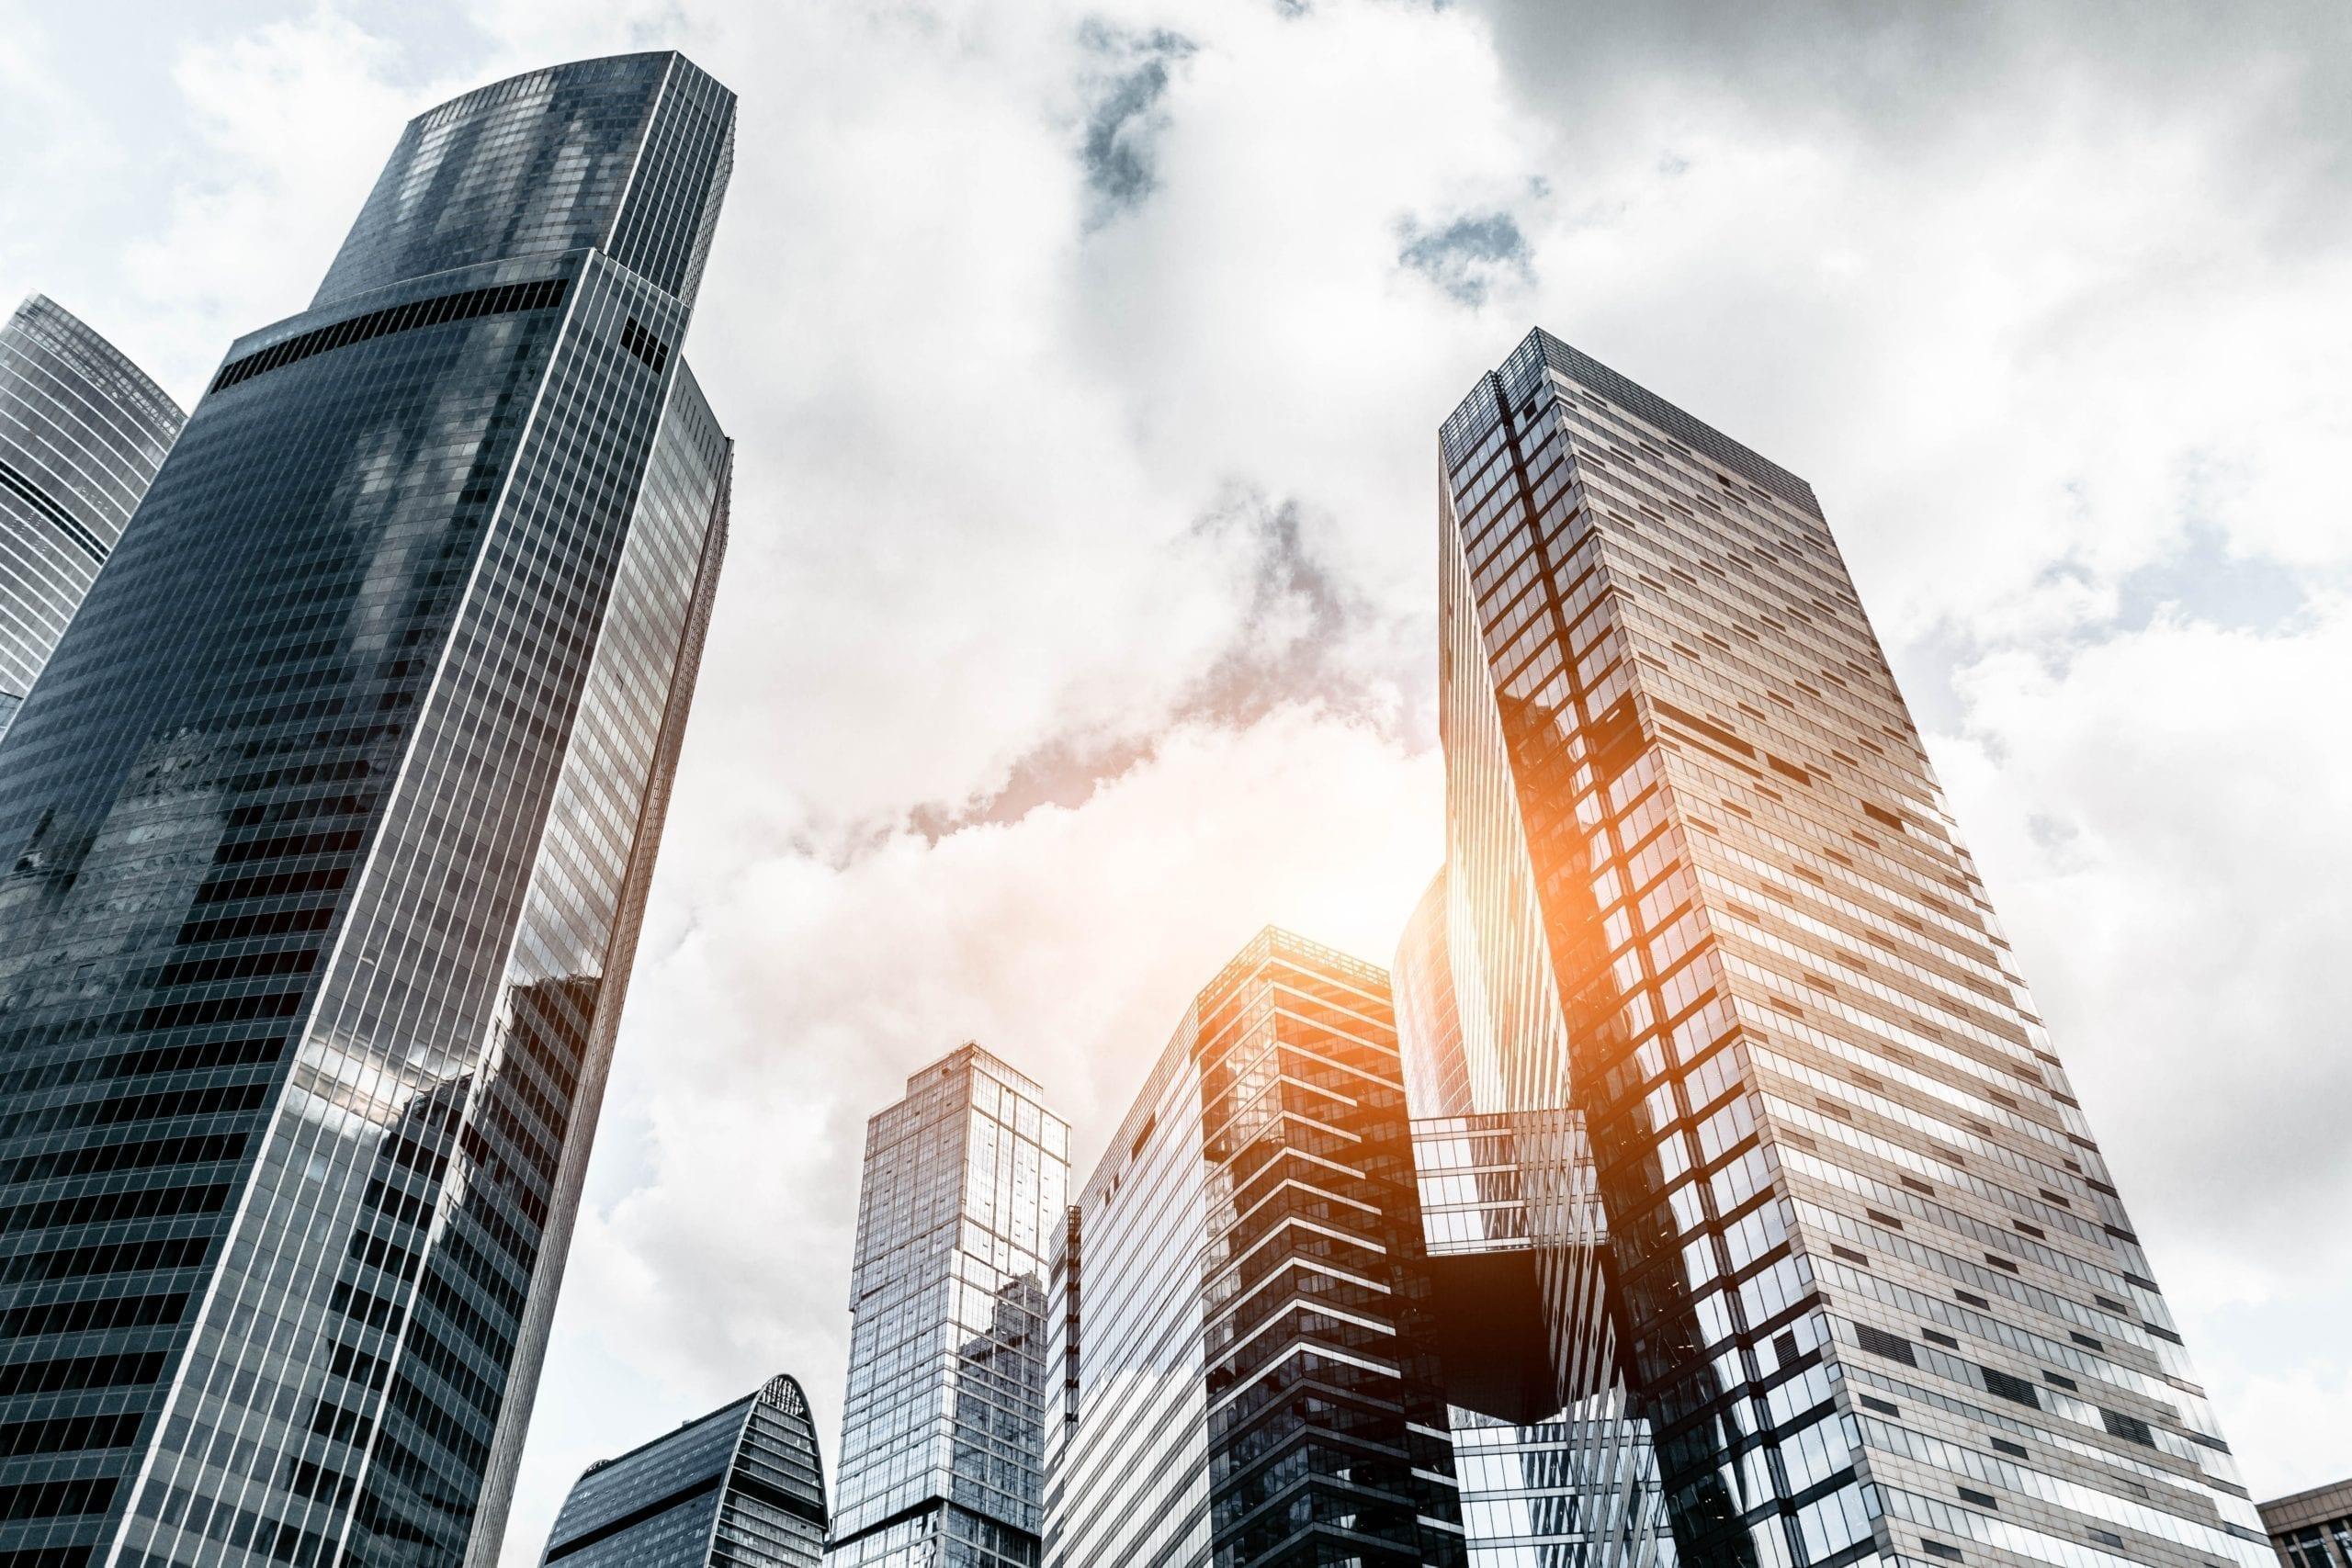 skyscrapers from below